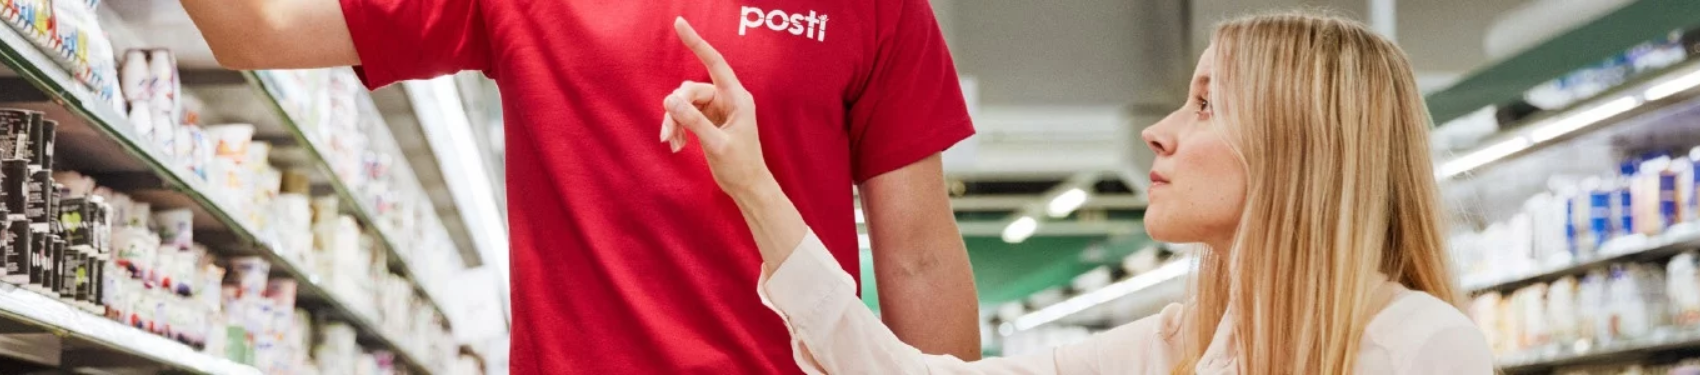 Posti-Kotipalvelut-henkilokohtainen-apu-1700